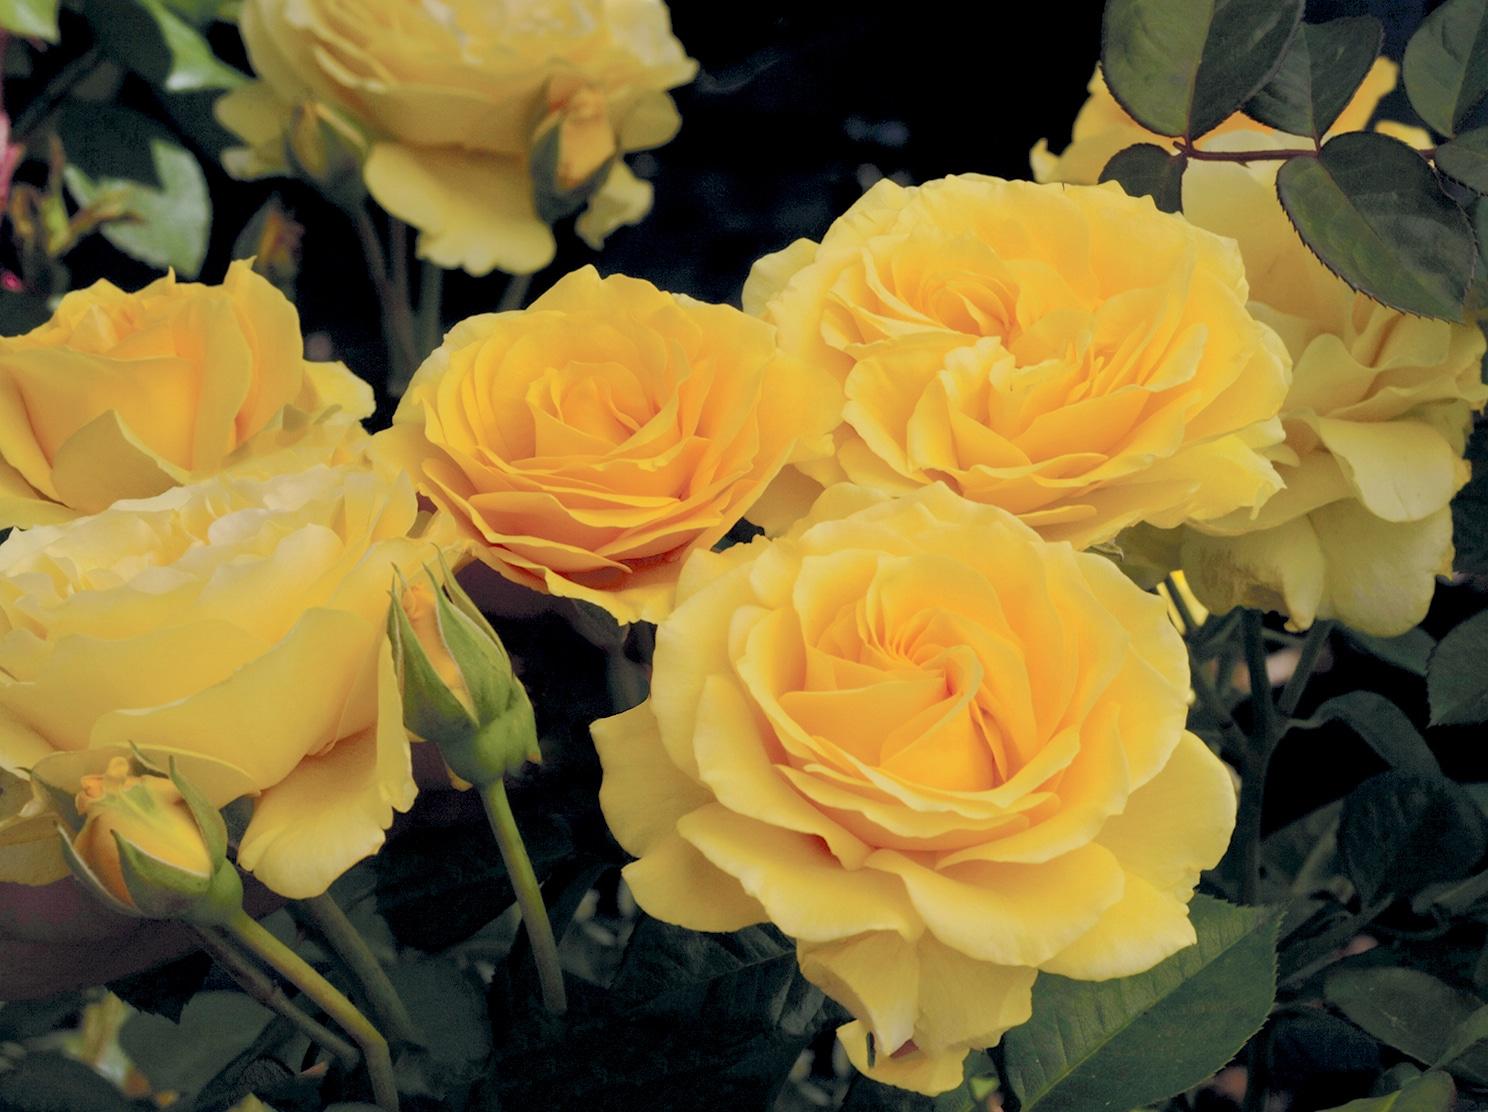 Our 2015 Dormant Roses Have Arrived Sloat Garden Center